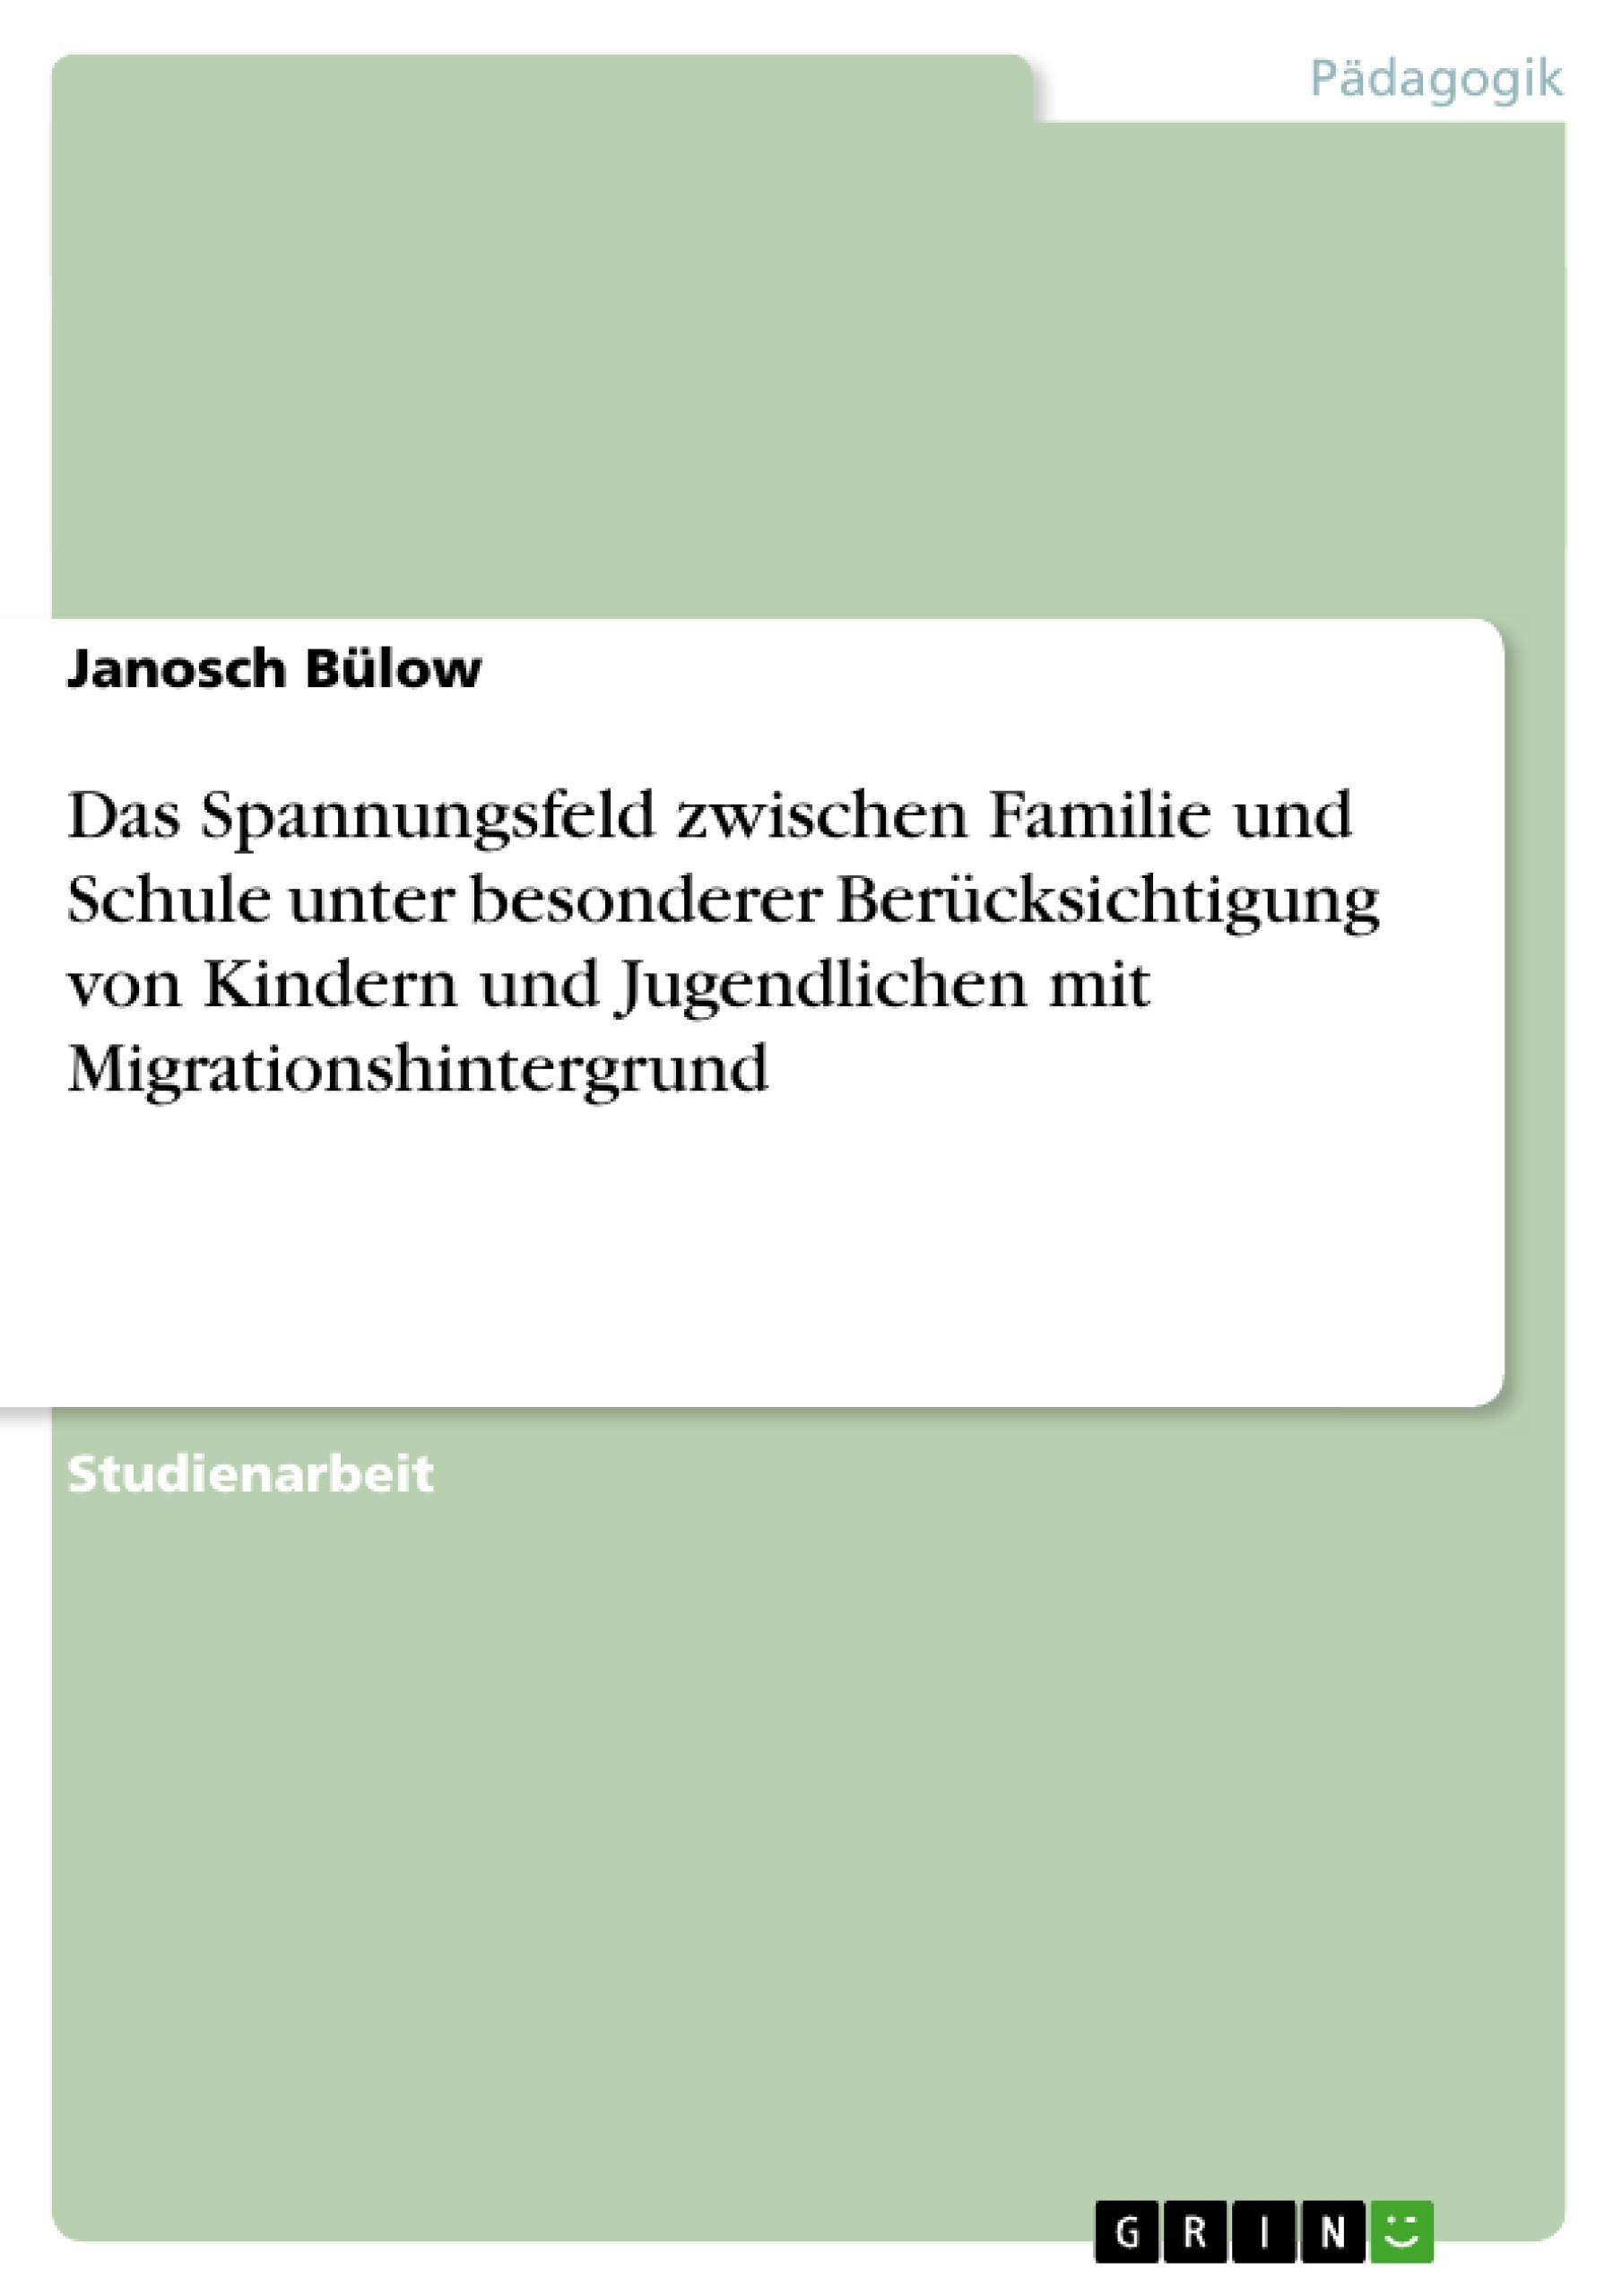 Titel: Das Spannungsfeld zwischen Familie und Schule unter besonderer Berücksichtigung von Kindern und Jugendlichen mit Migrationshintergrund